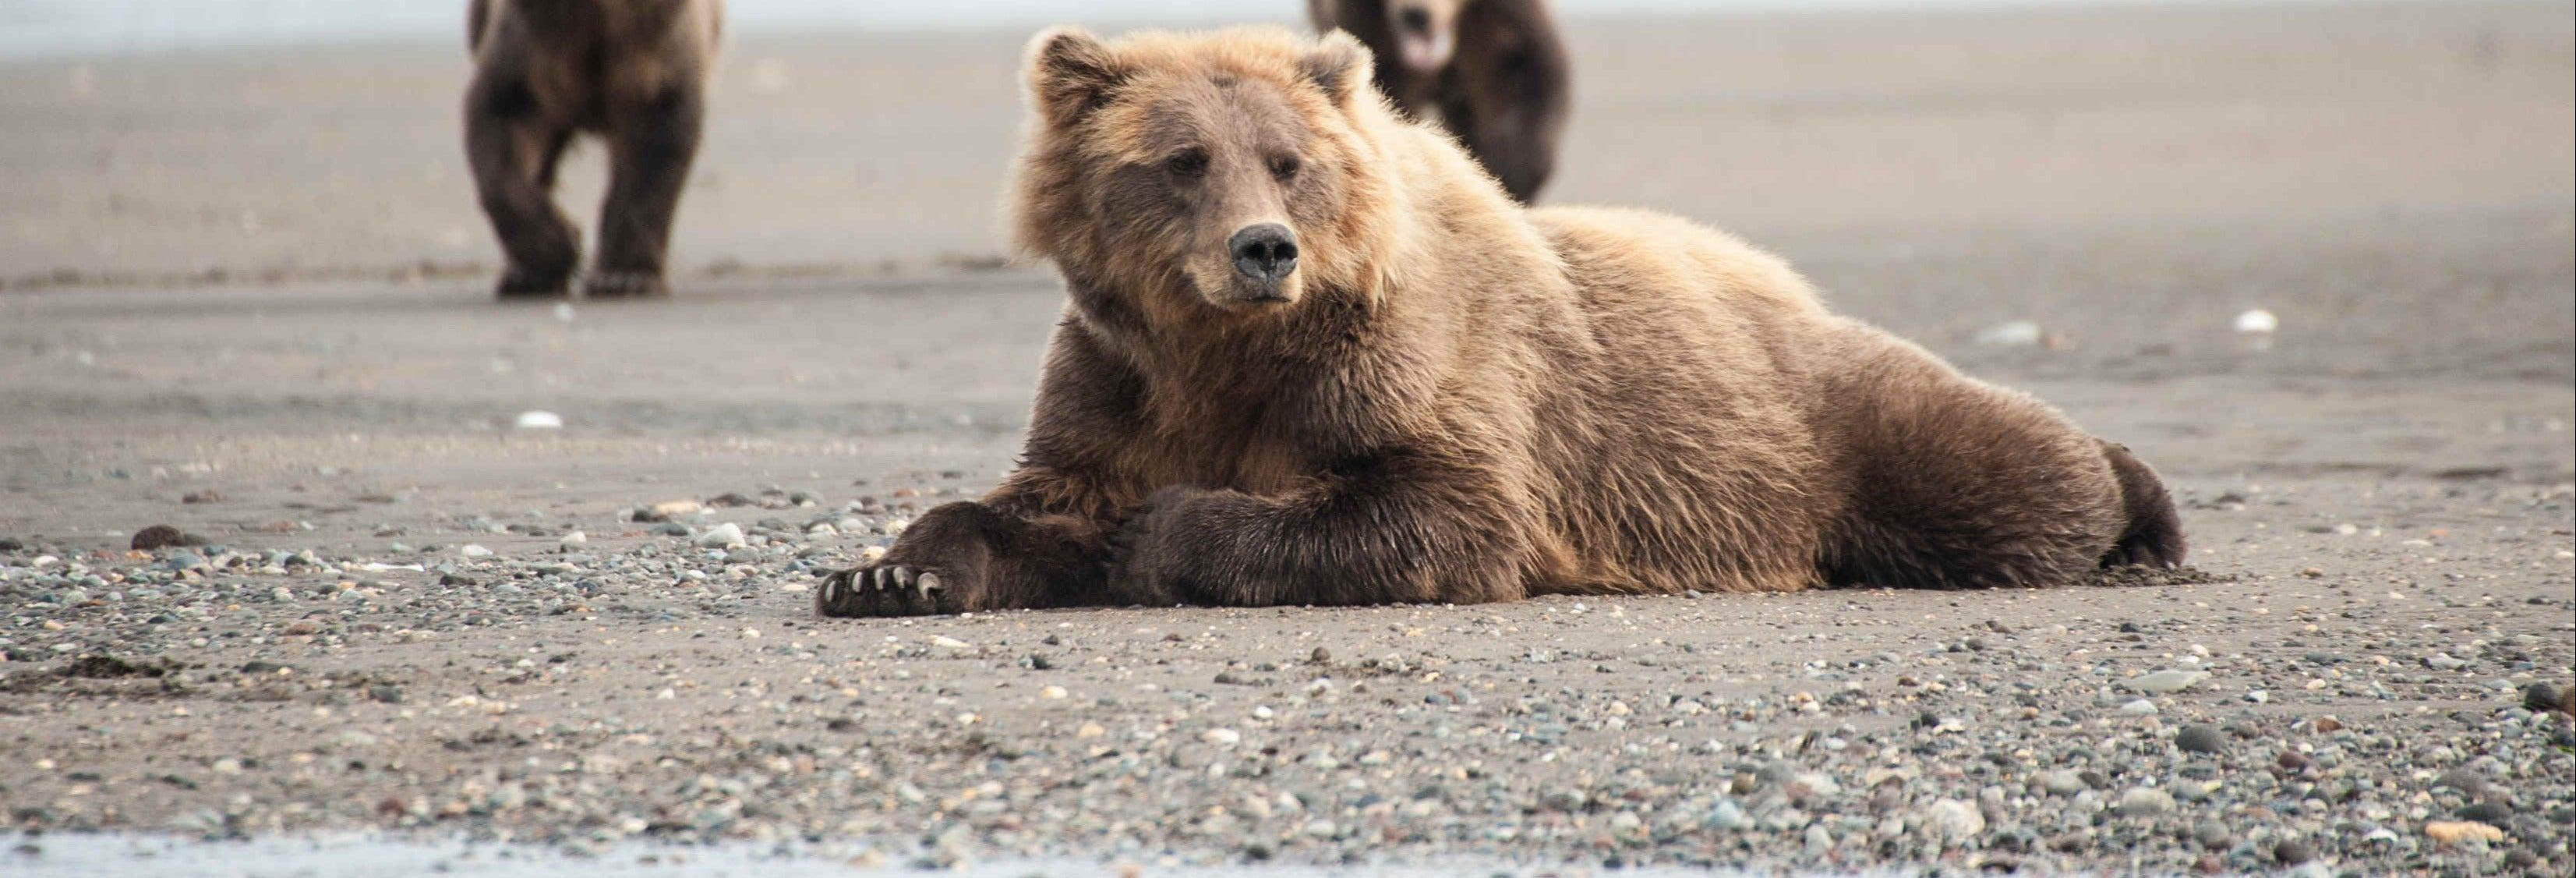 Avvistamento di orsi grizzly